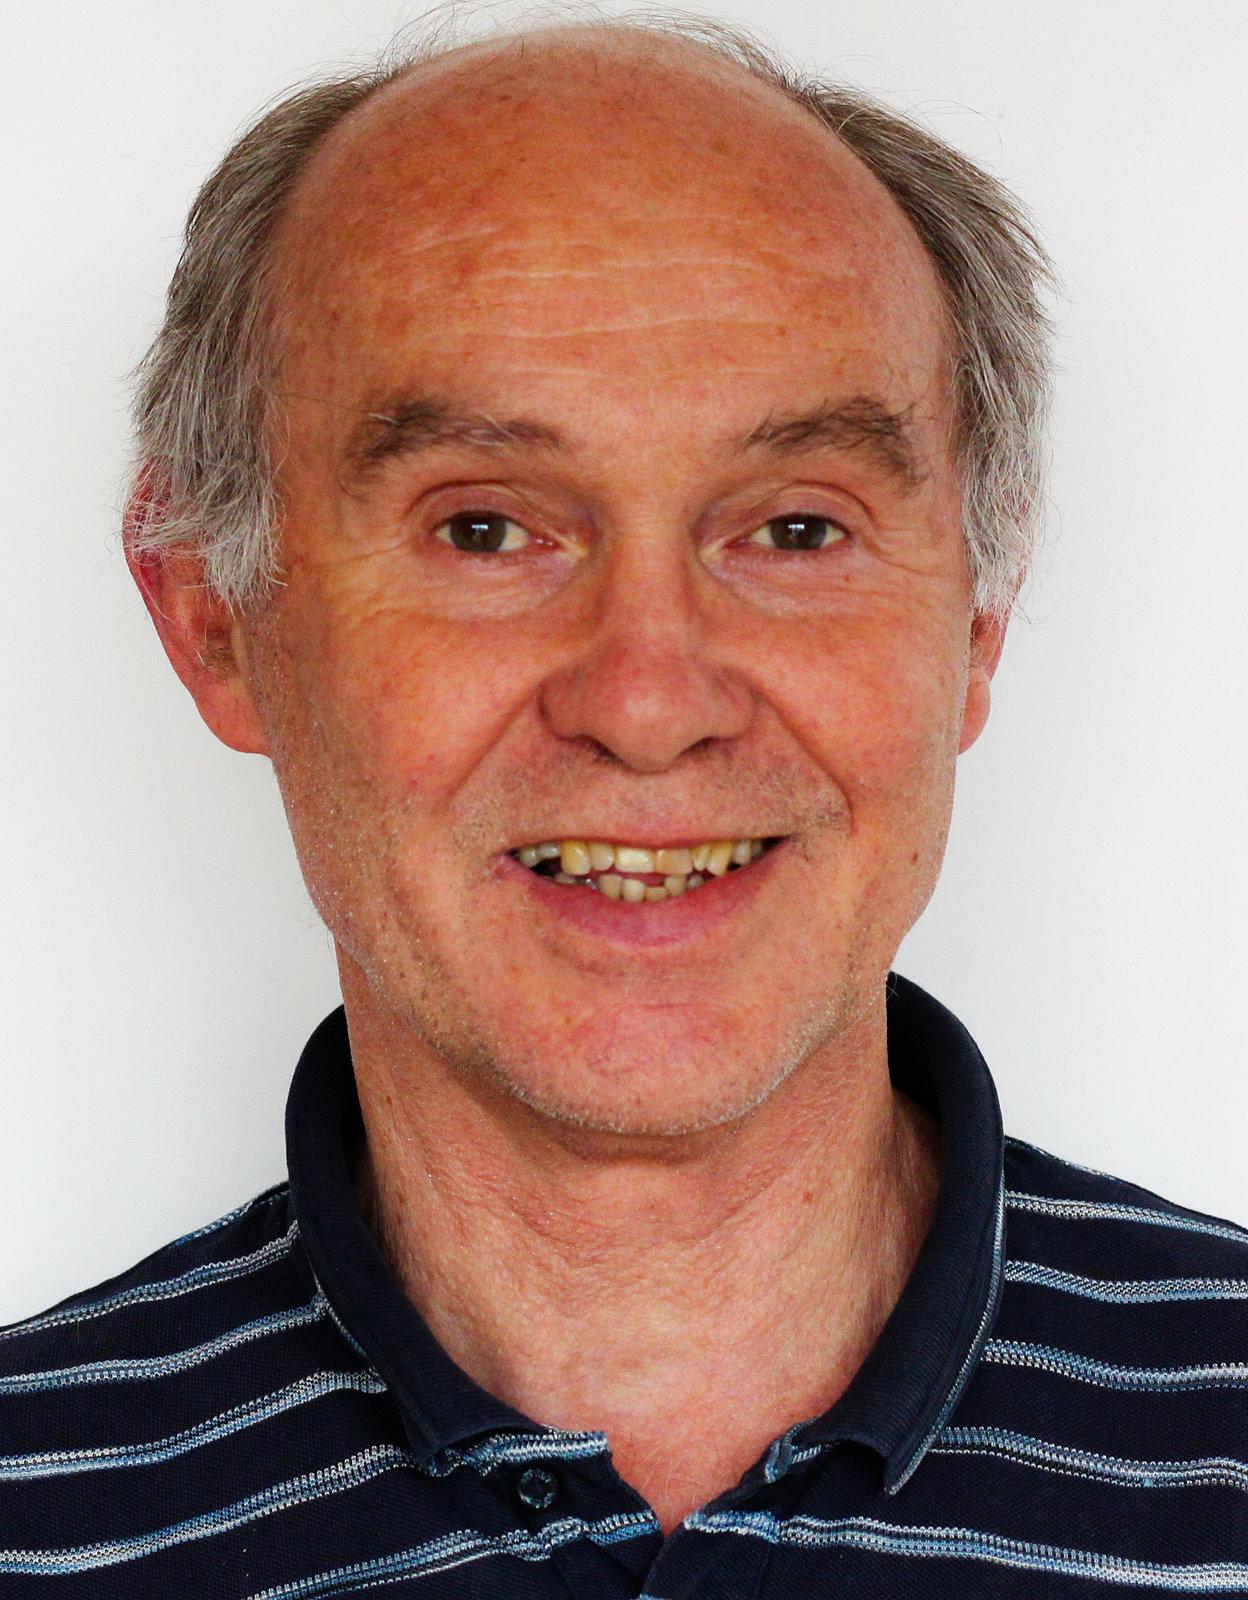 Karl Staudinger